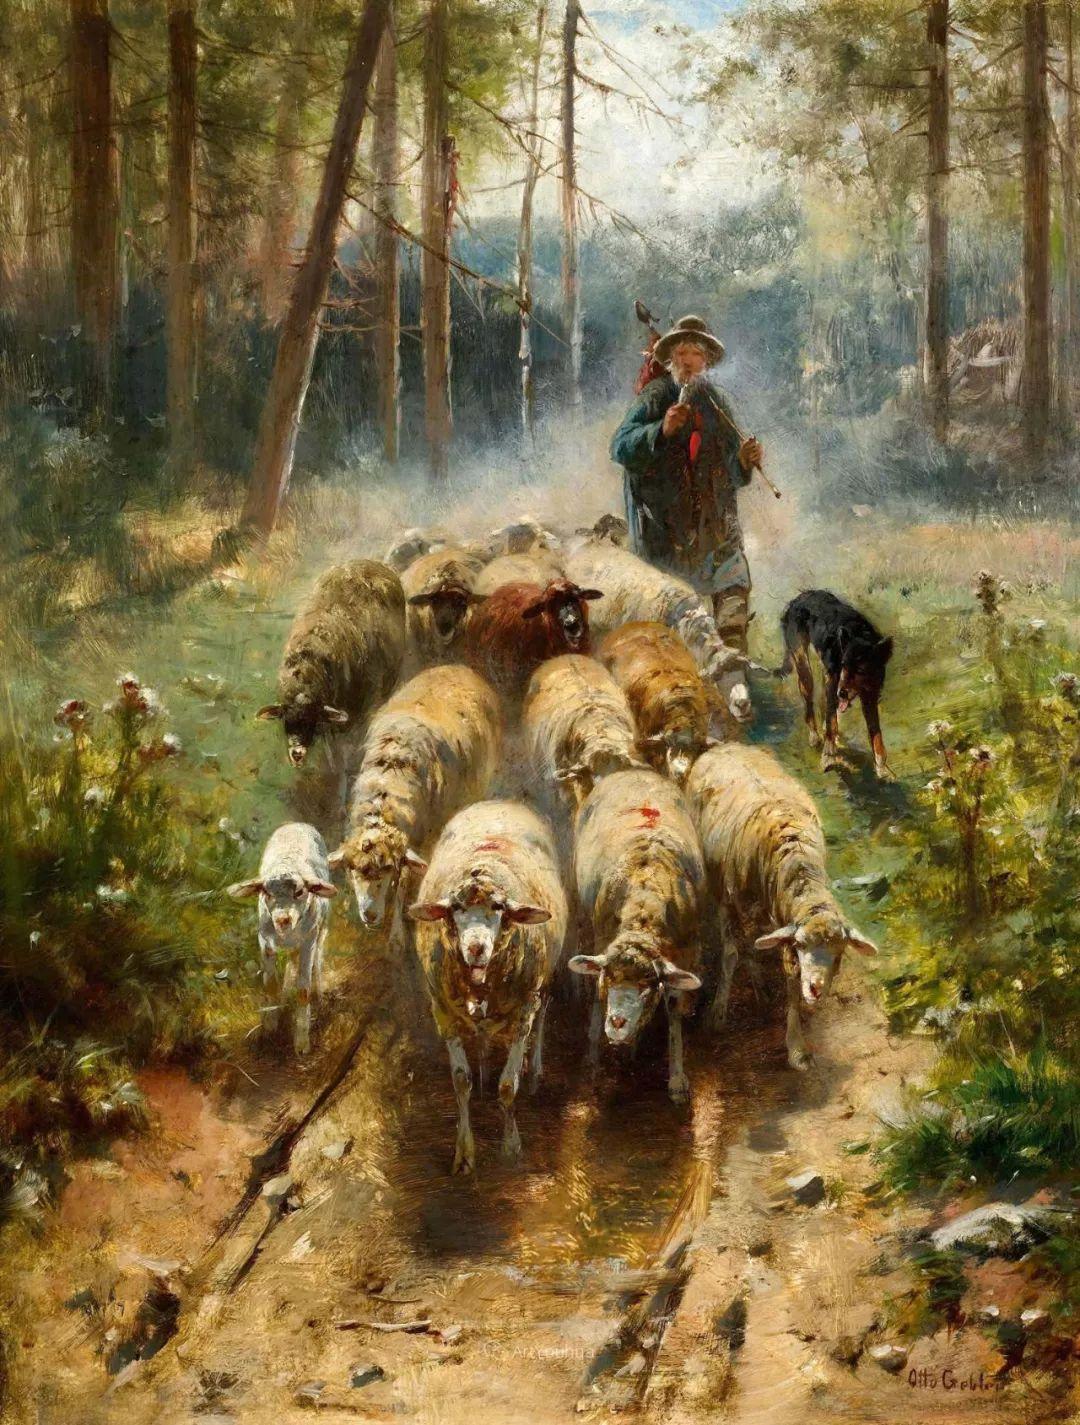 这些绵羊很惹人爱,德国艺术家Friedrich Otto Gebler插图3